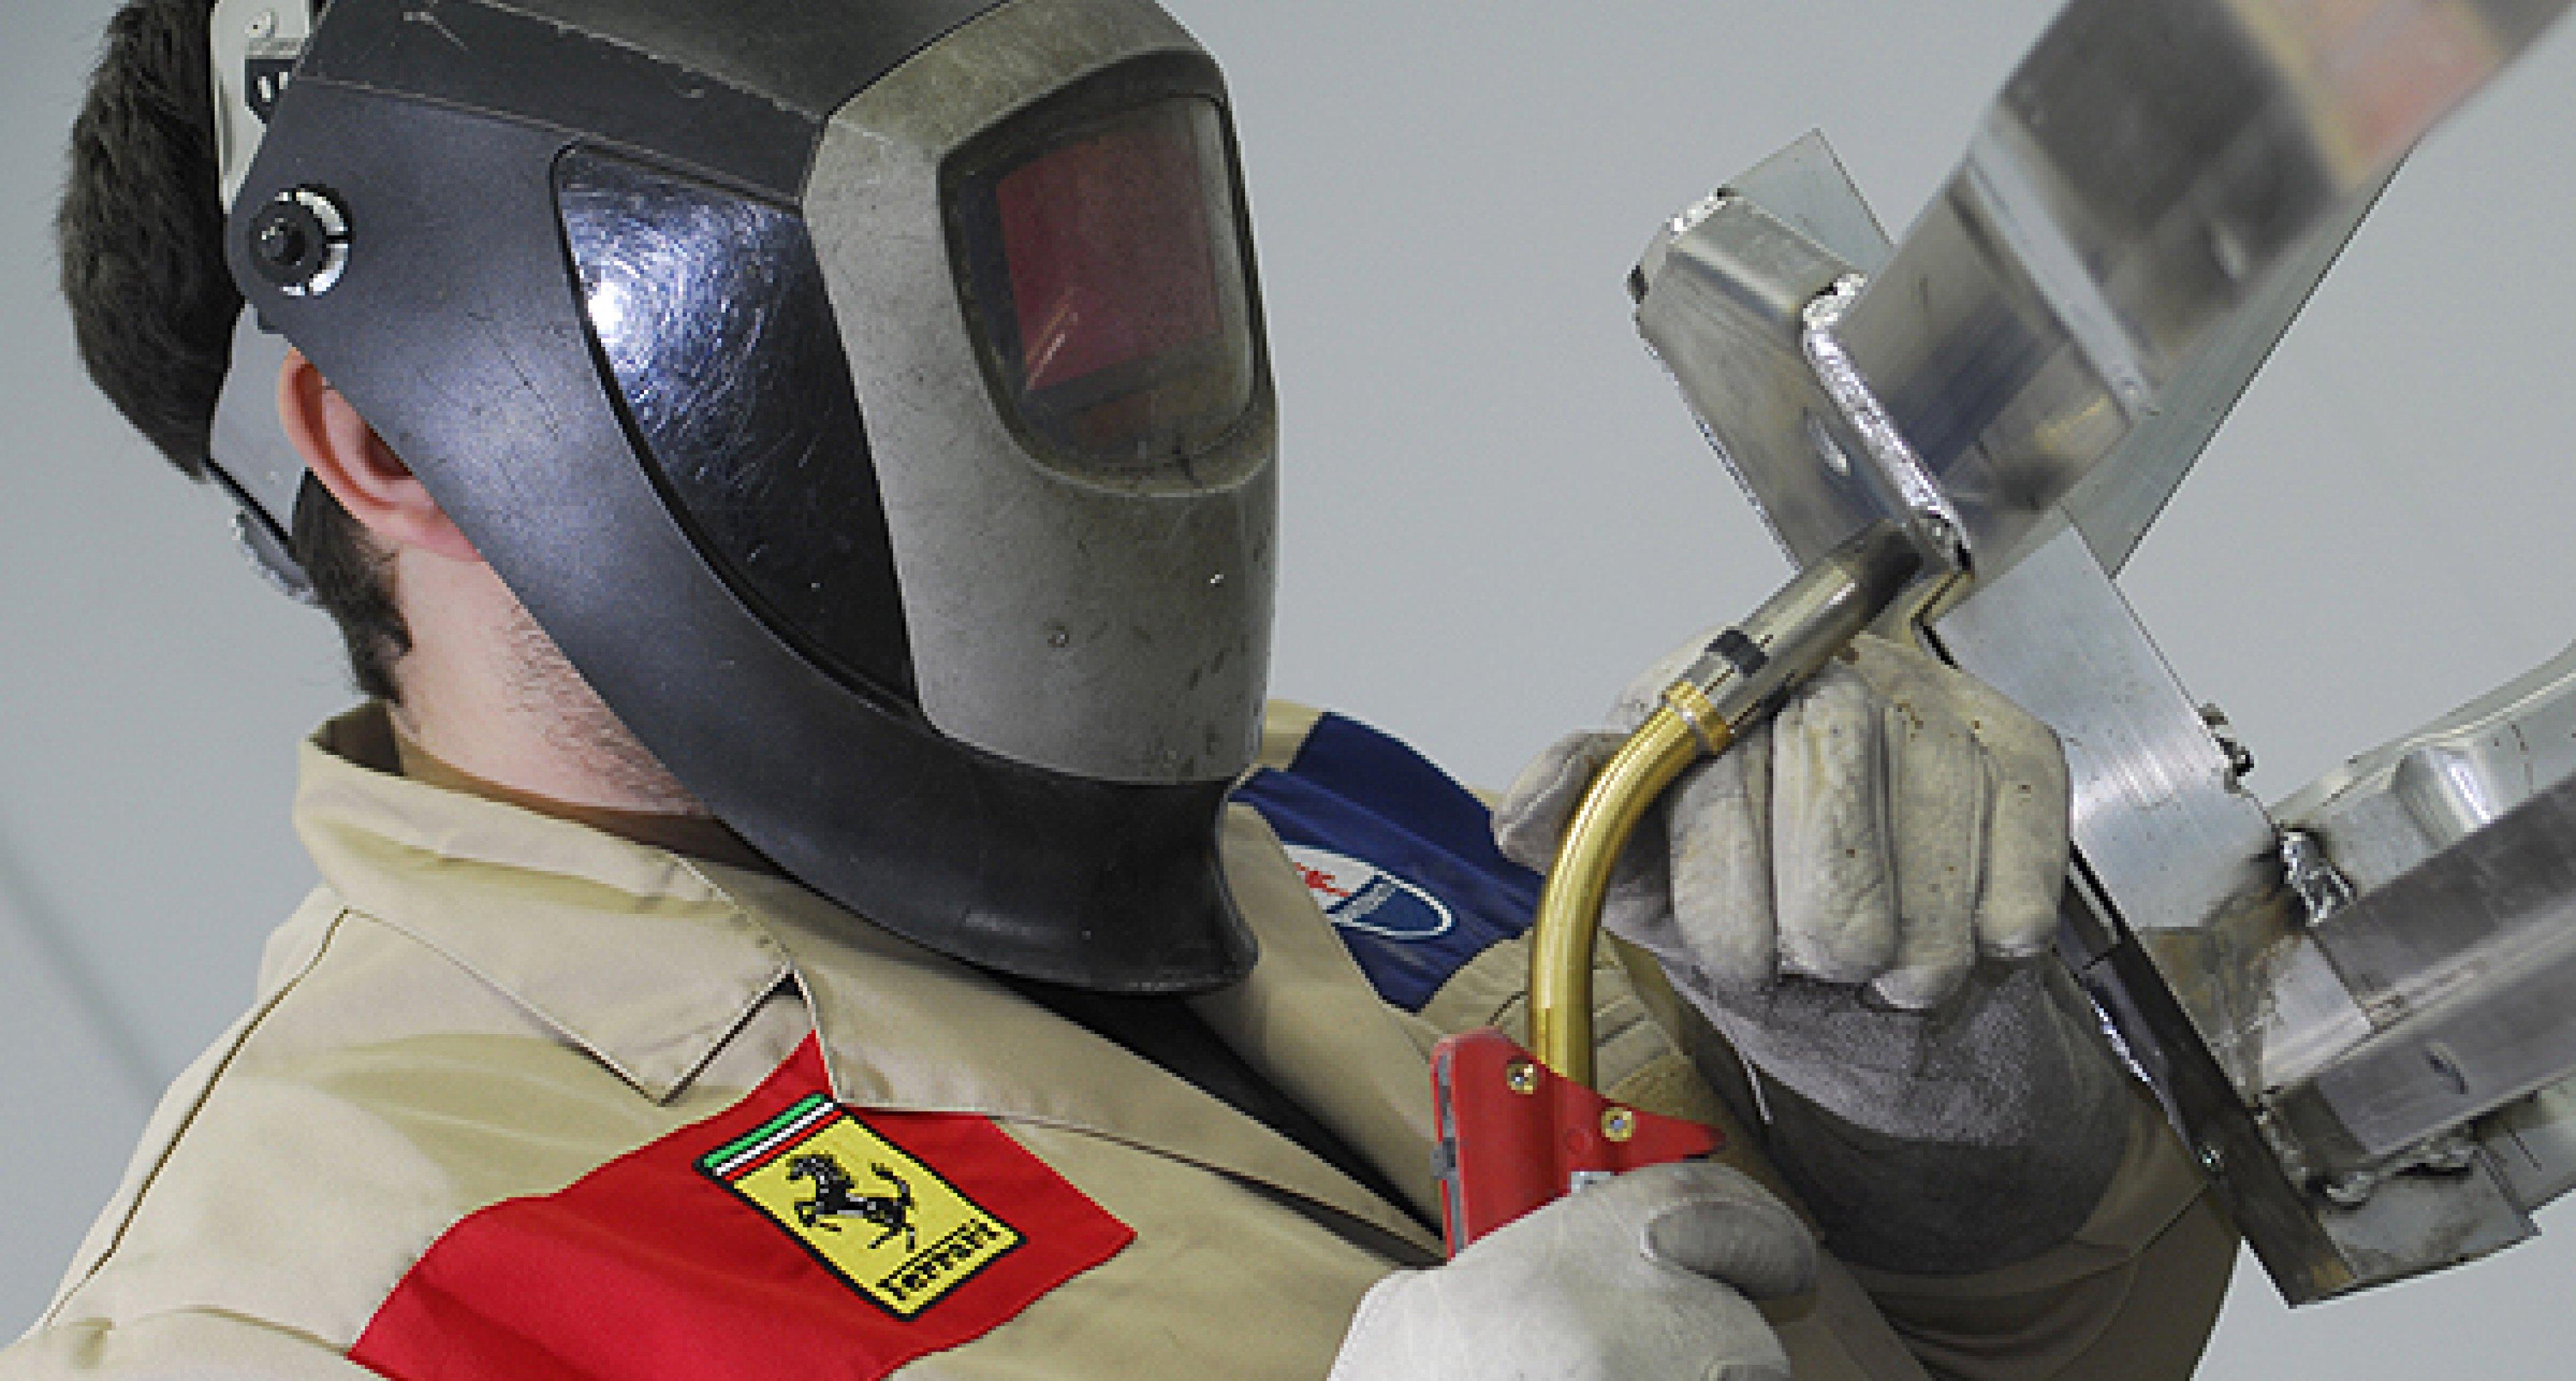 Bodytechnics: New Ferrari Body Repairer in UK